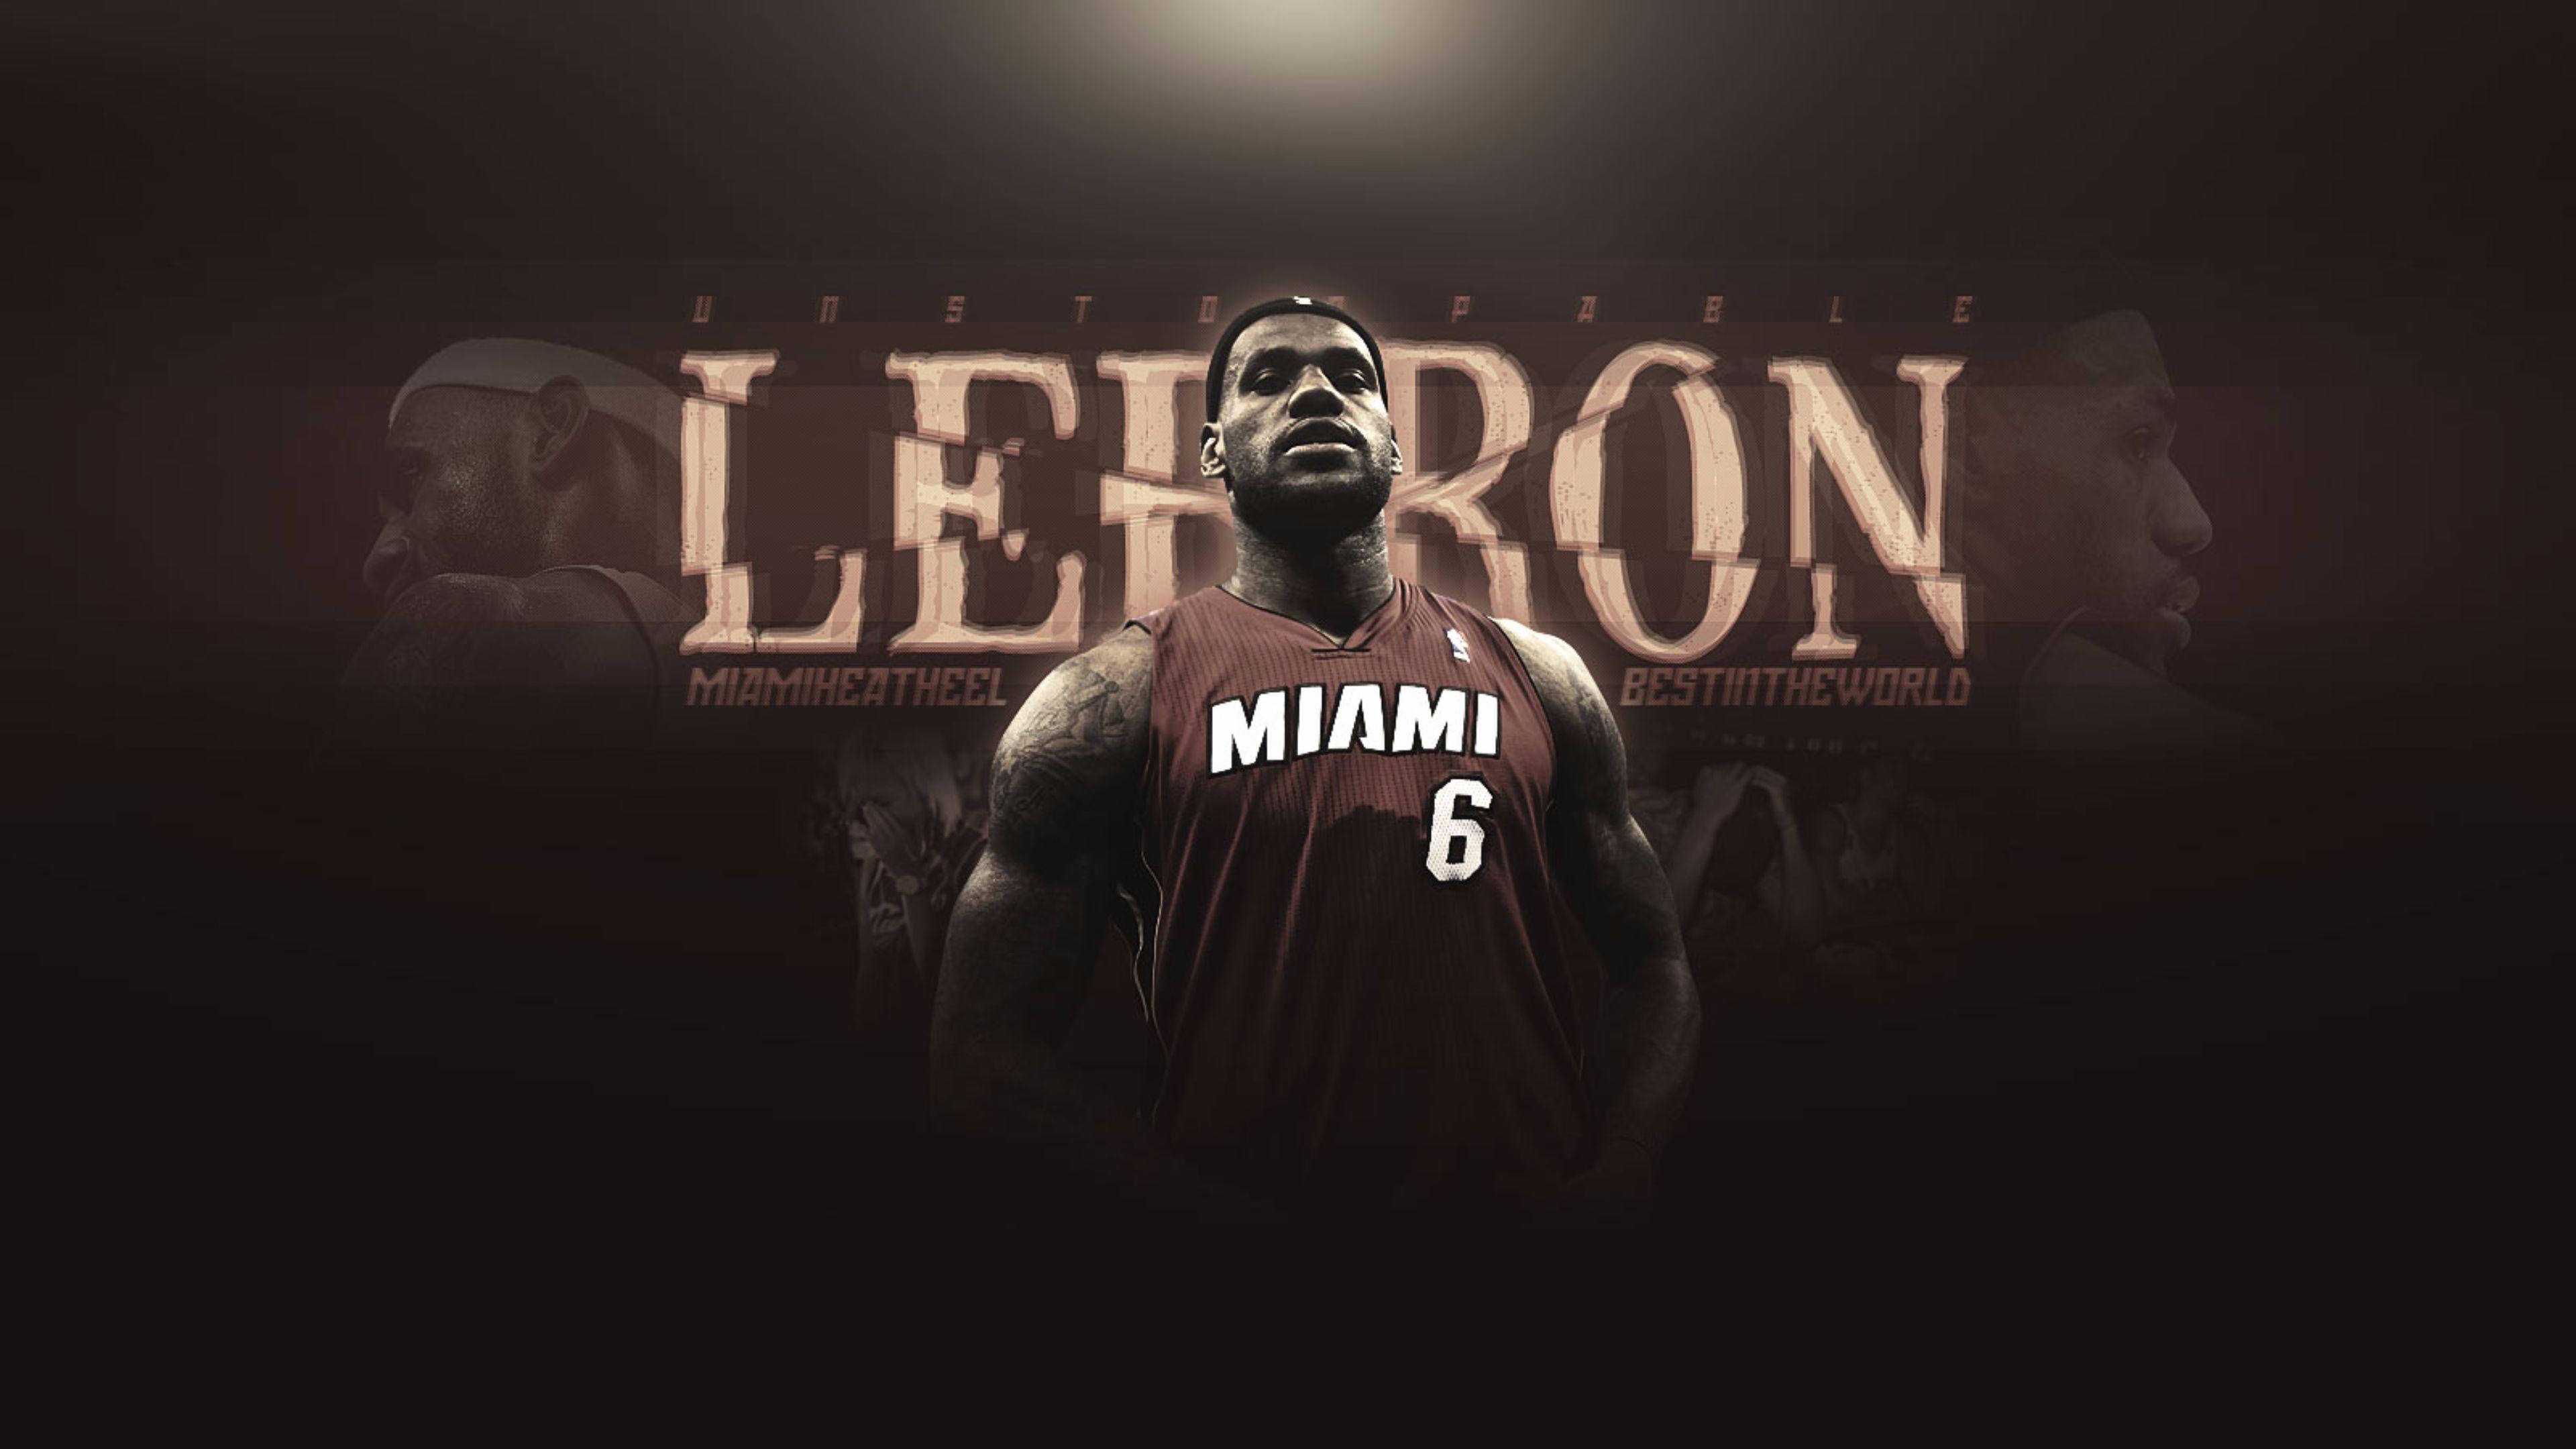 LeBron James Miami Heat 4K